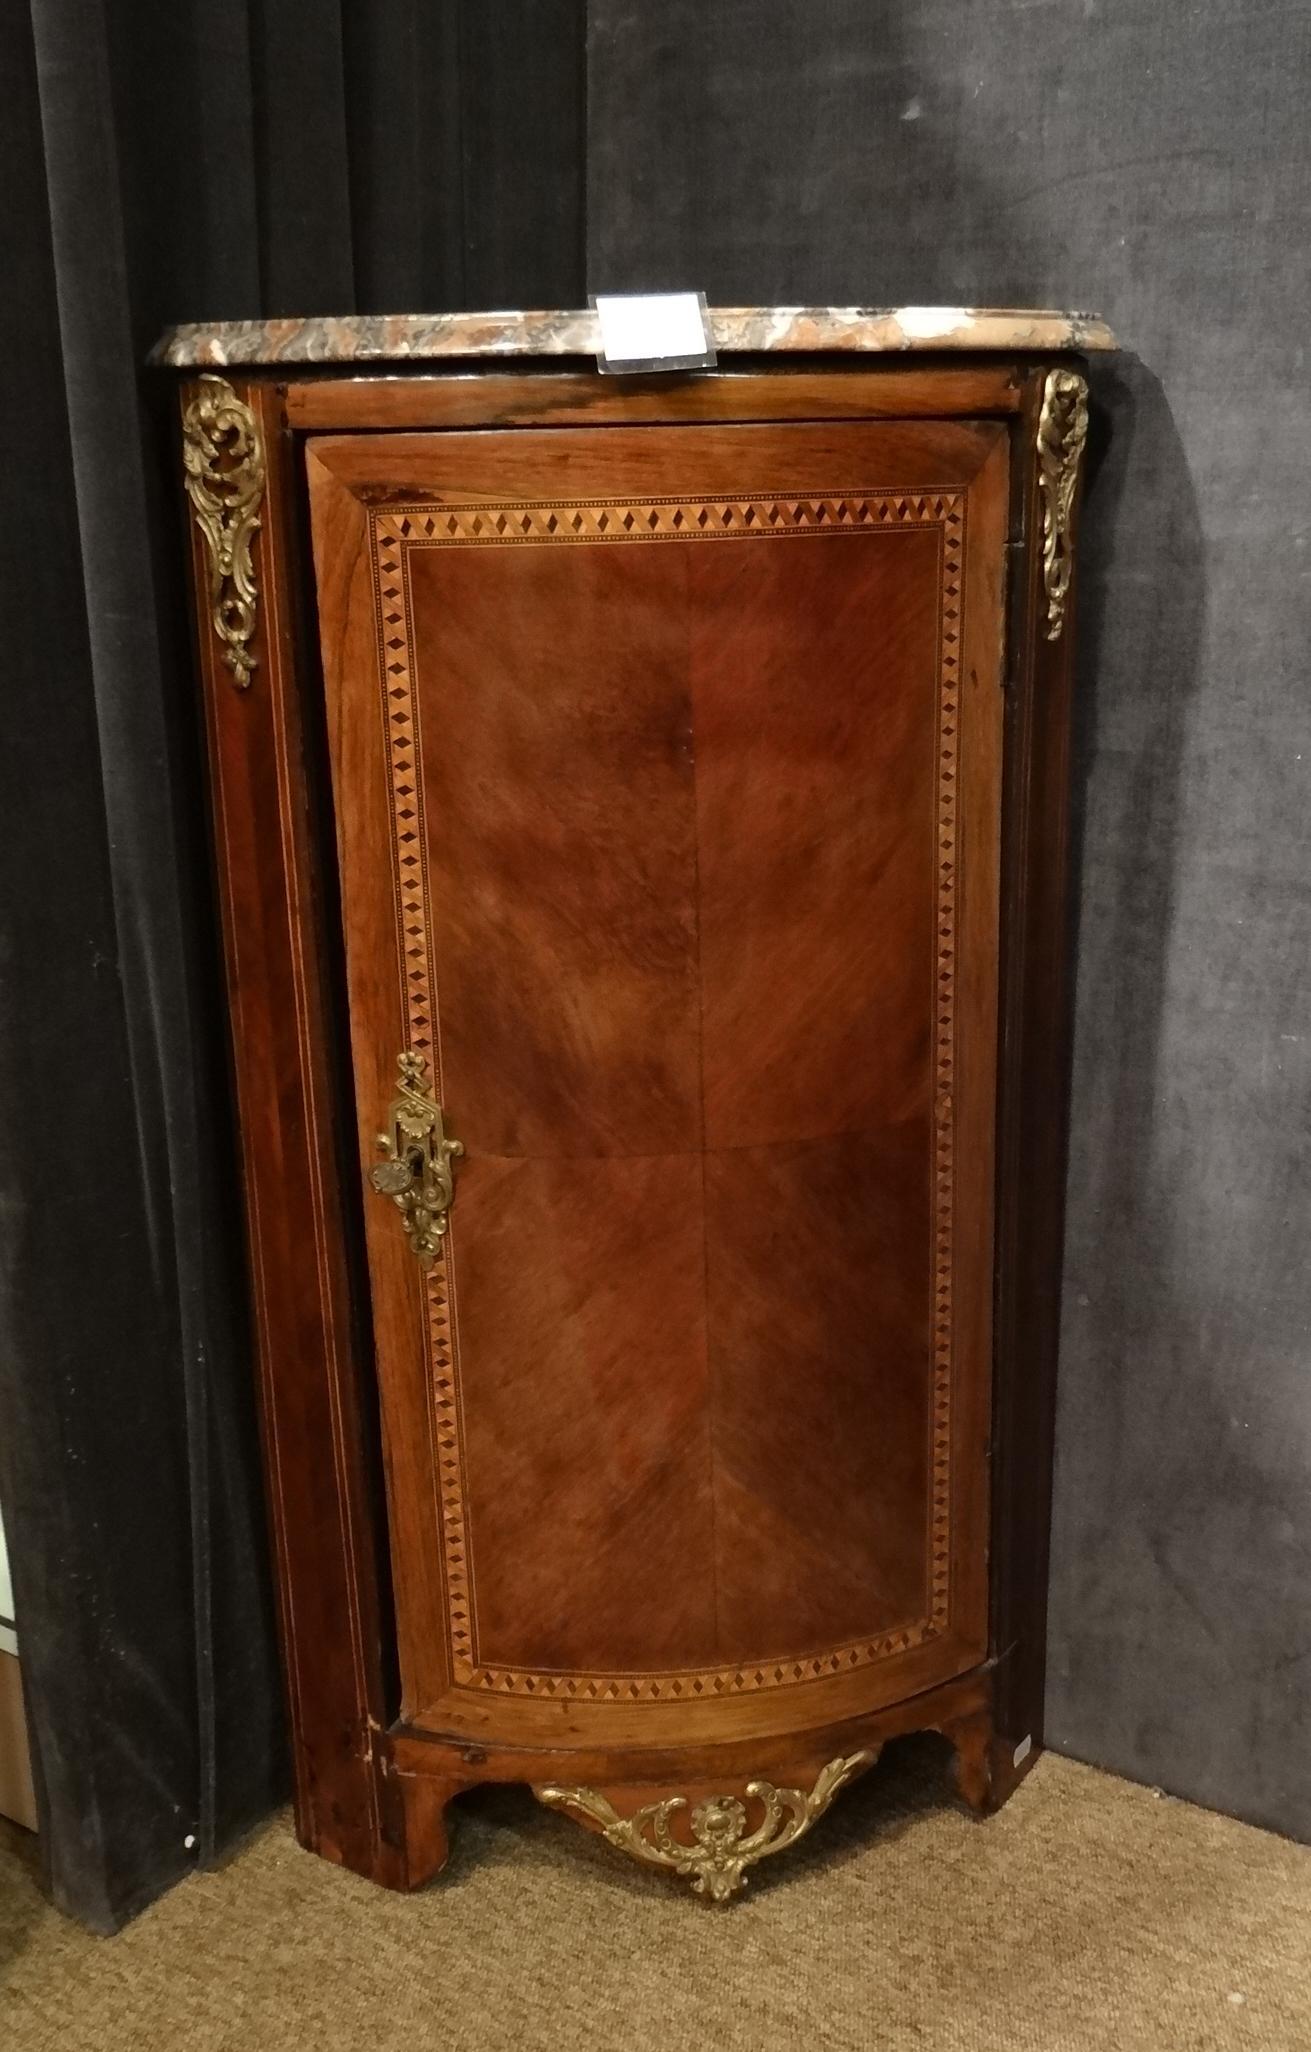 Meuble encoignure arrondie en marqueterie et bronzes for Encoignure meuble